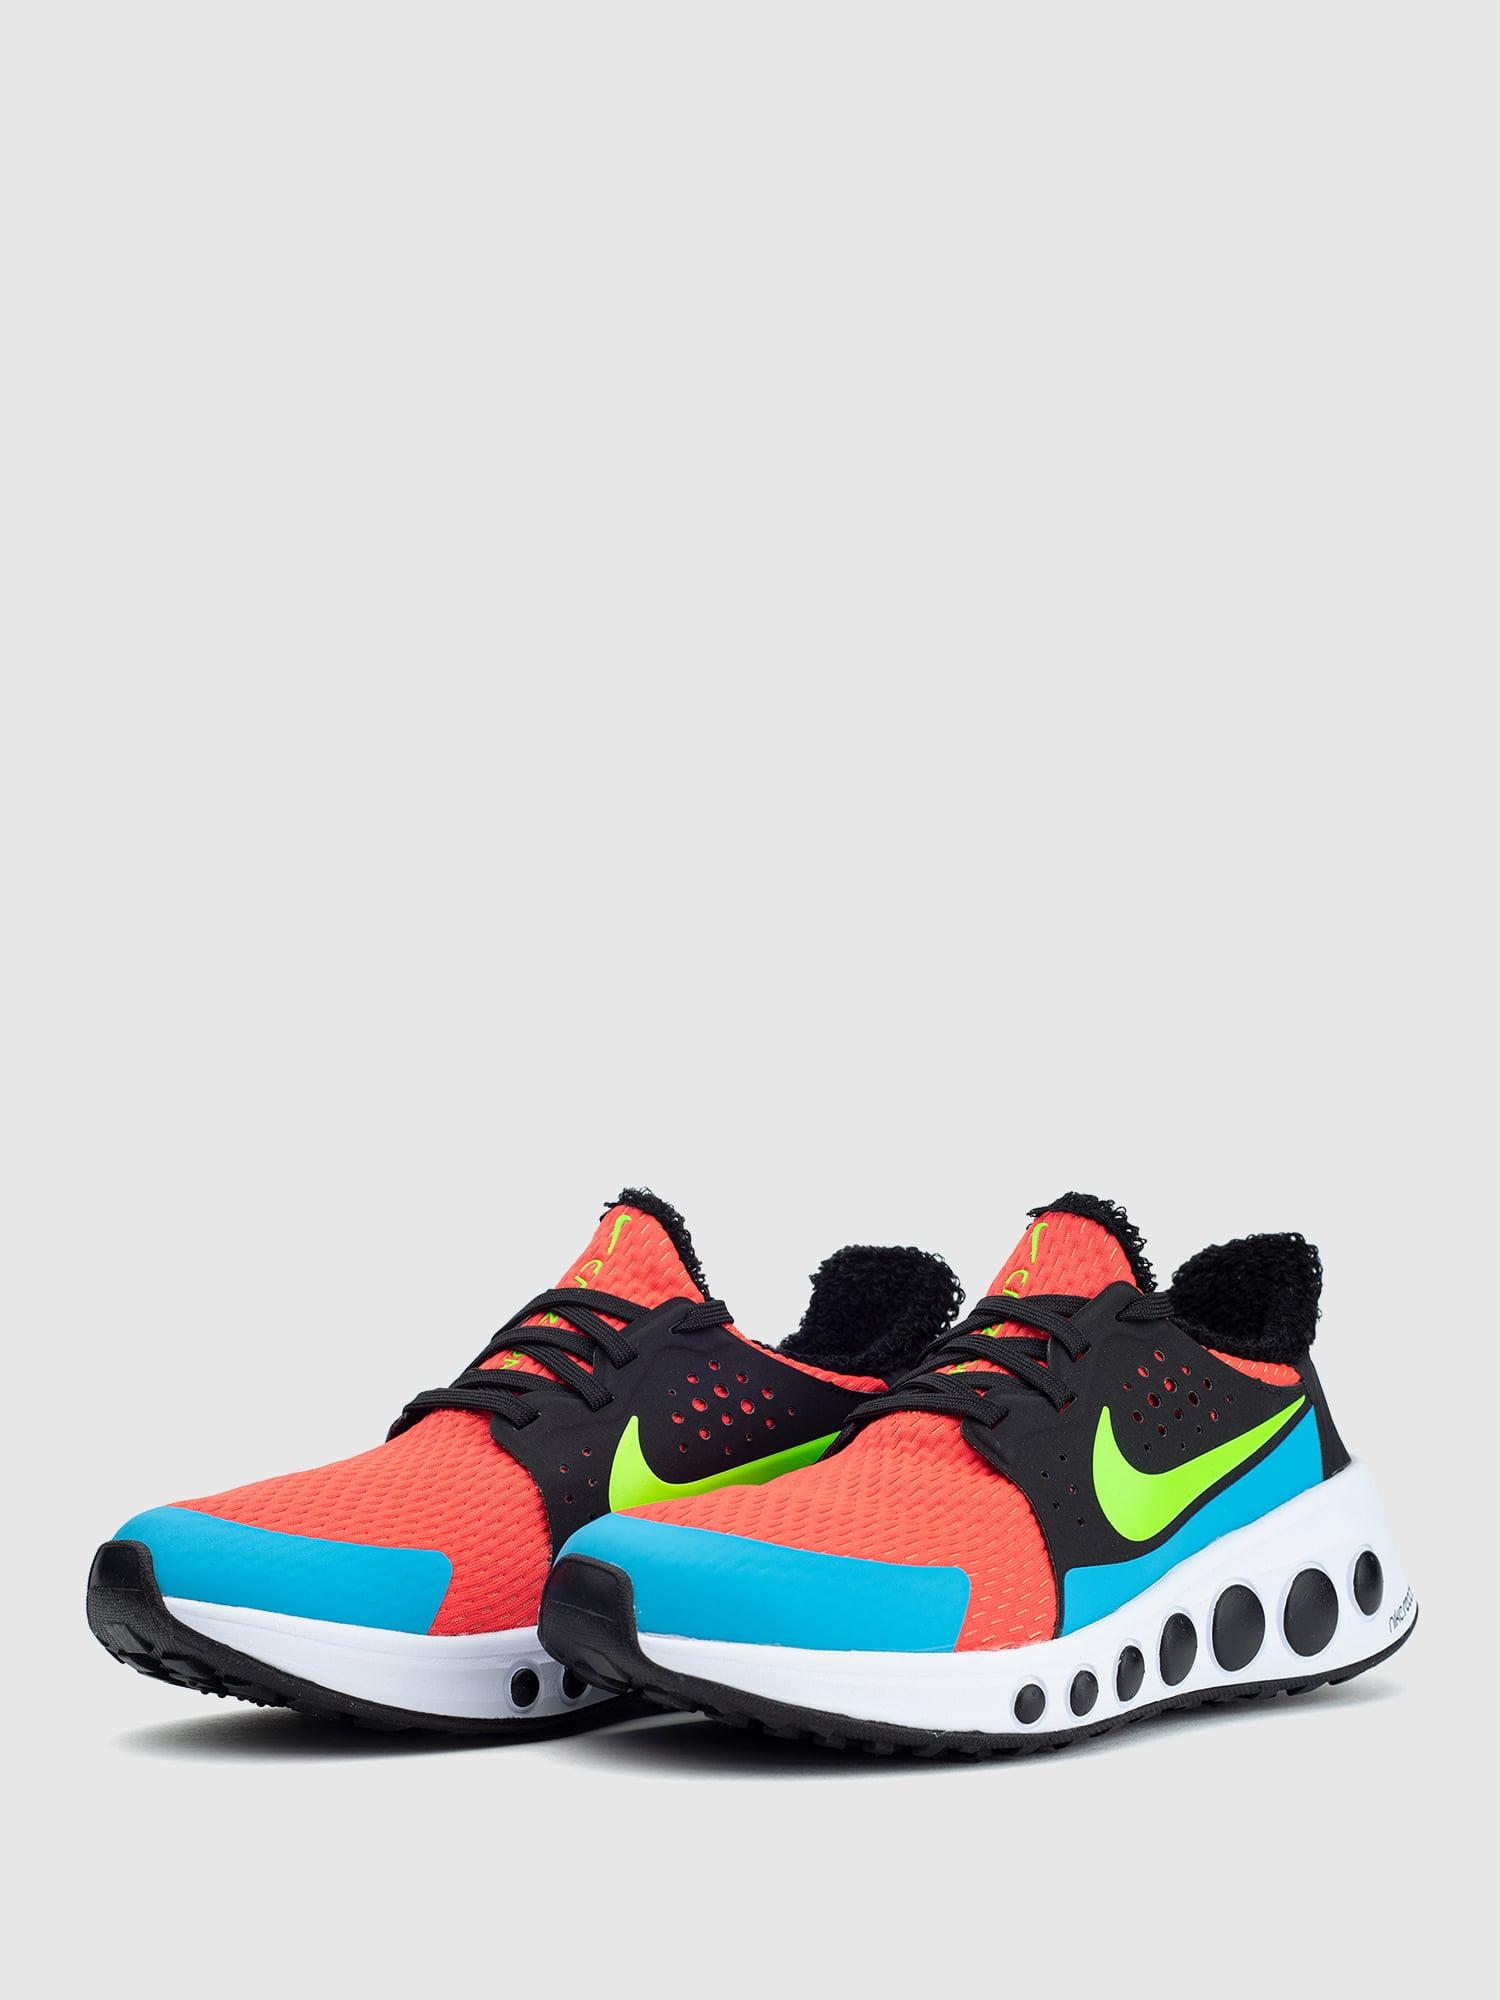 Nike CruzrOne Bright Crimson